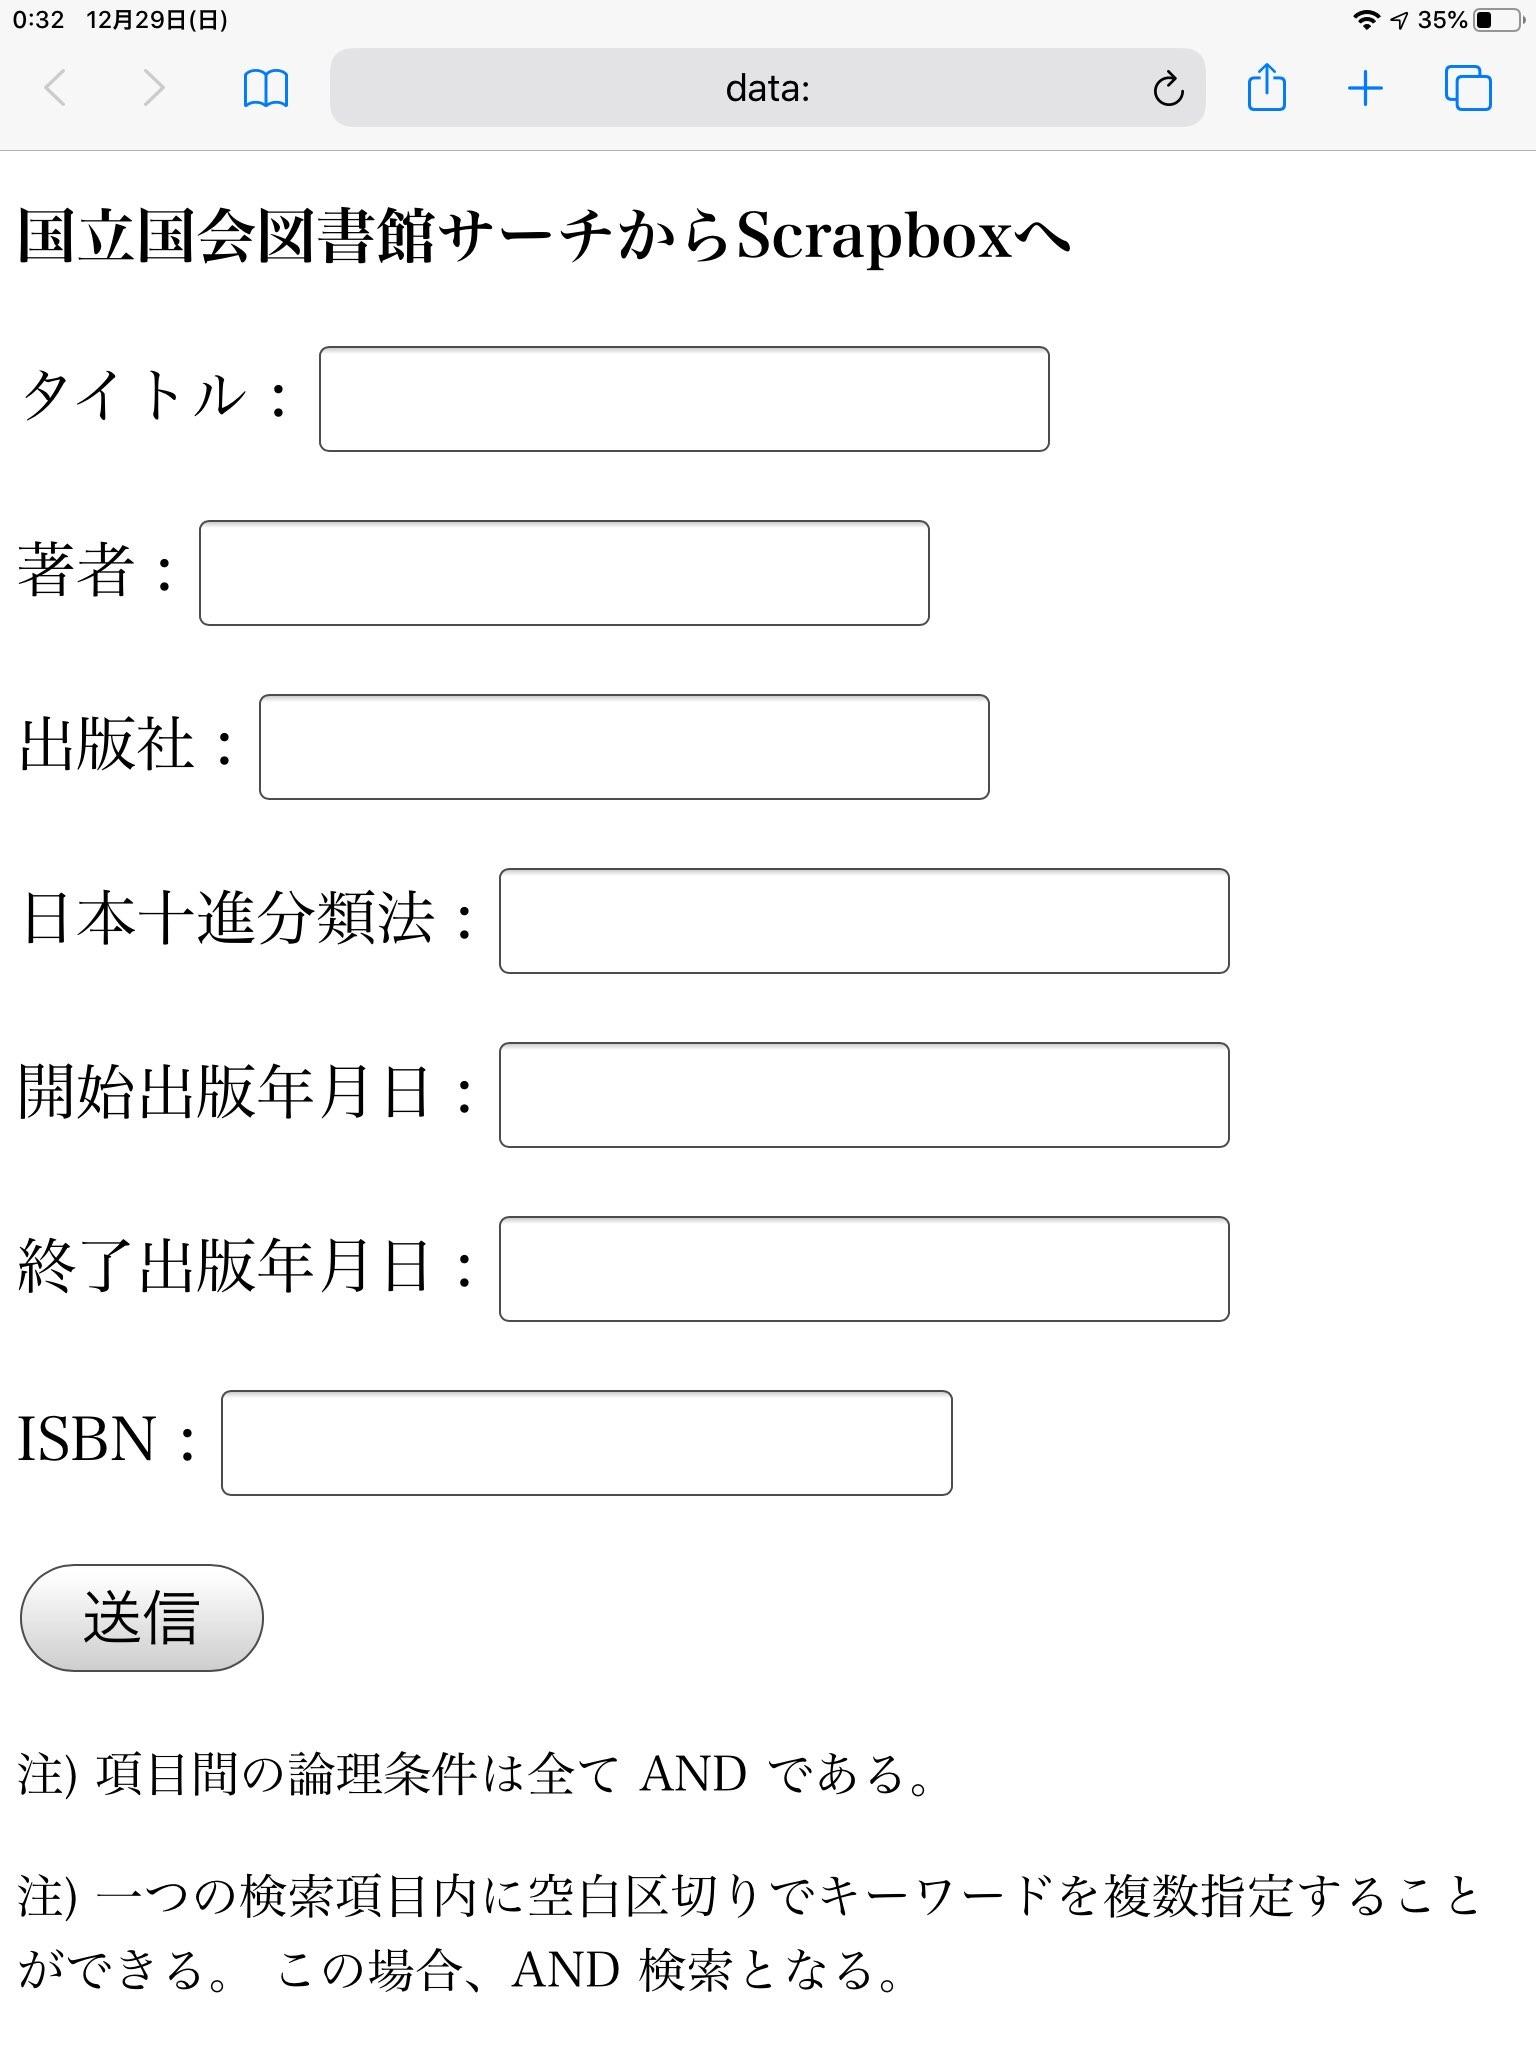 f:id:sorashima:20191230012858j:image:w637